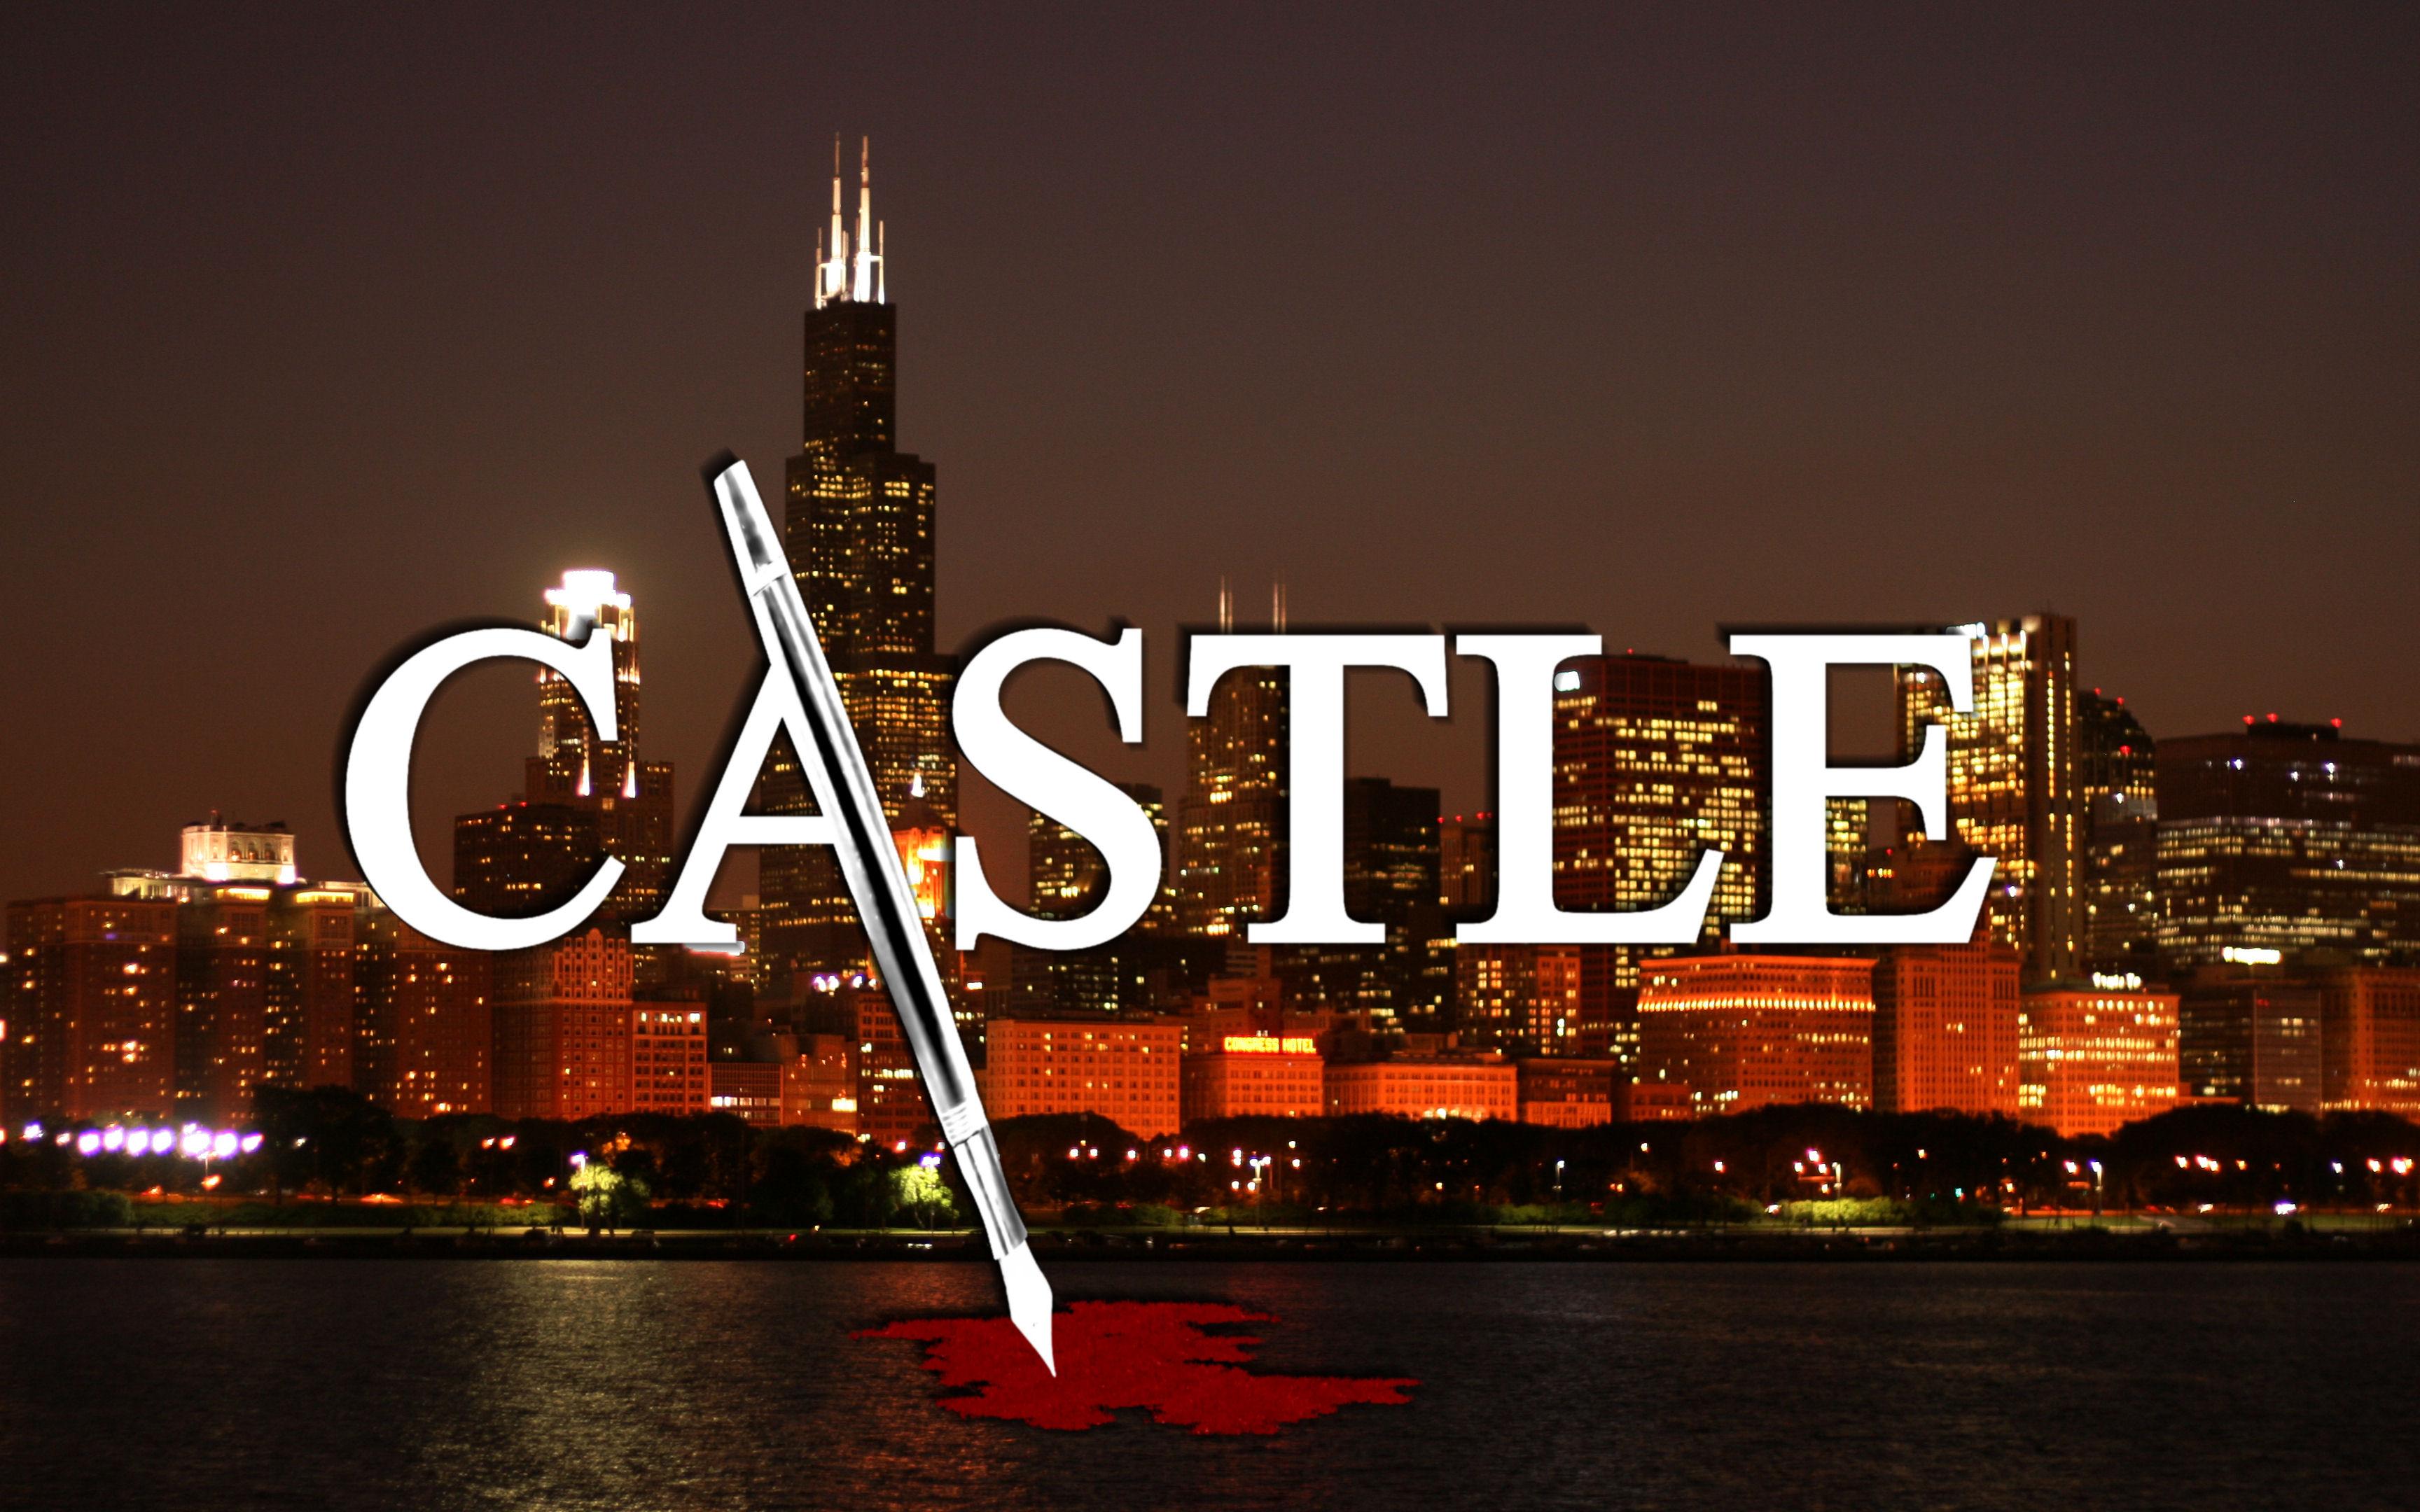 Castle Logo Wallpaper Fanmade By Michygeary On Deviantart